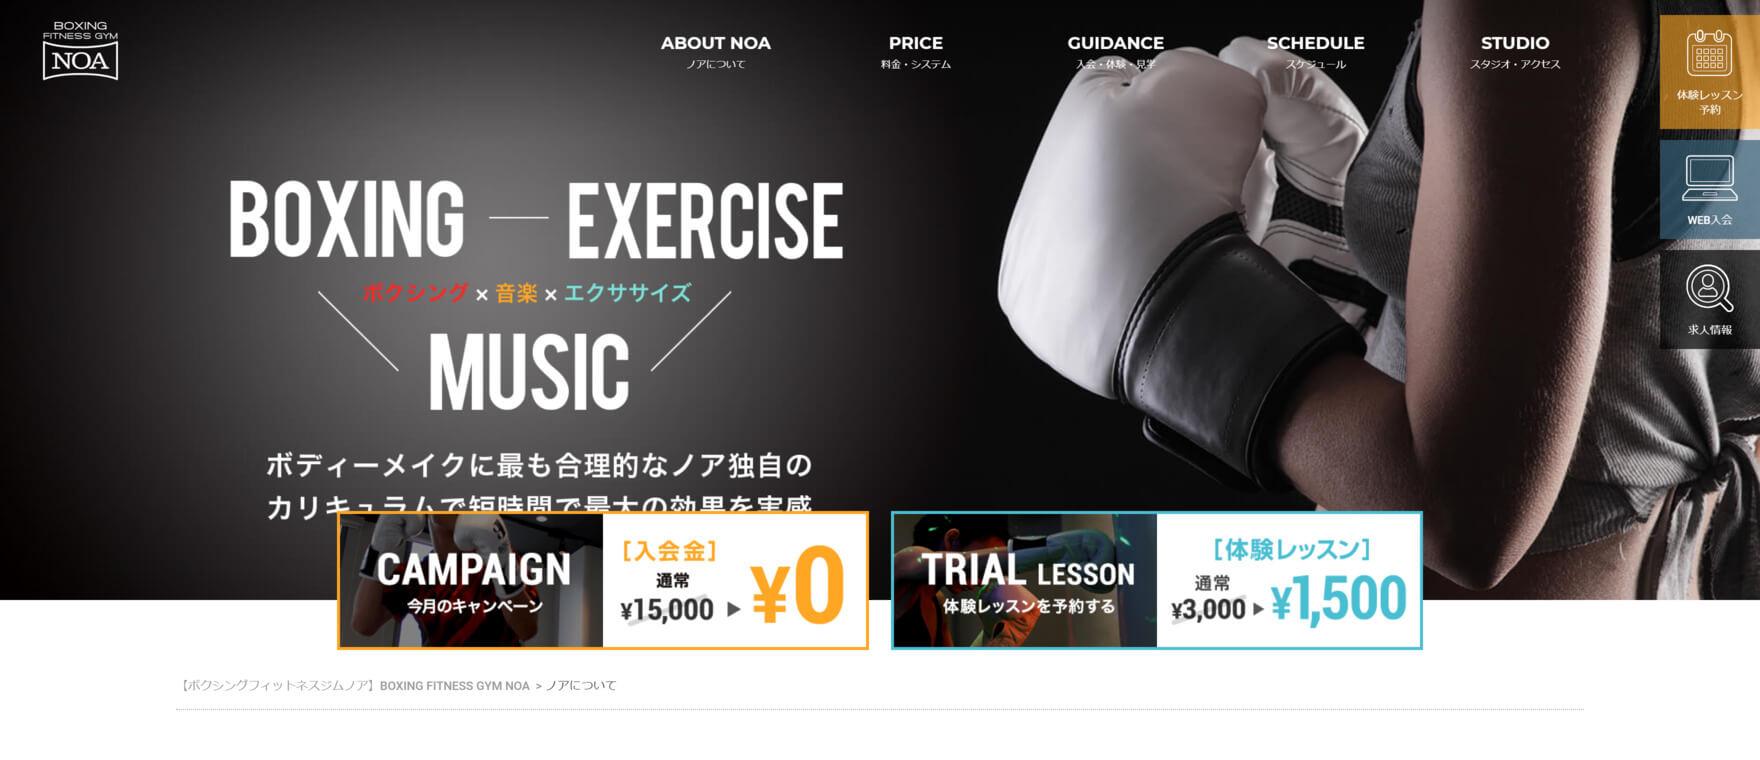 ボクシングフィットネスジムNOA駒沢校のイメージ画像